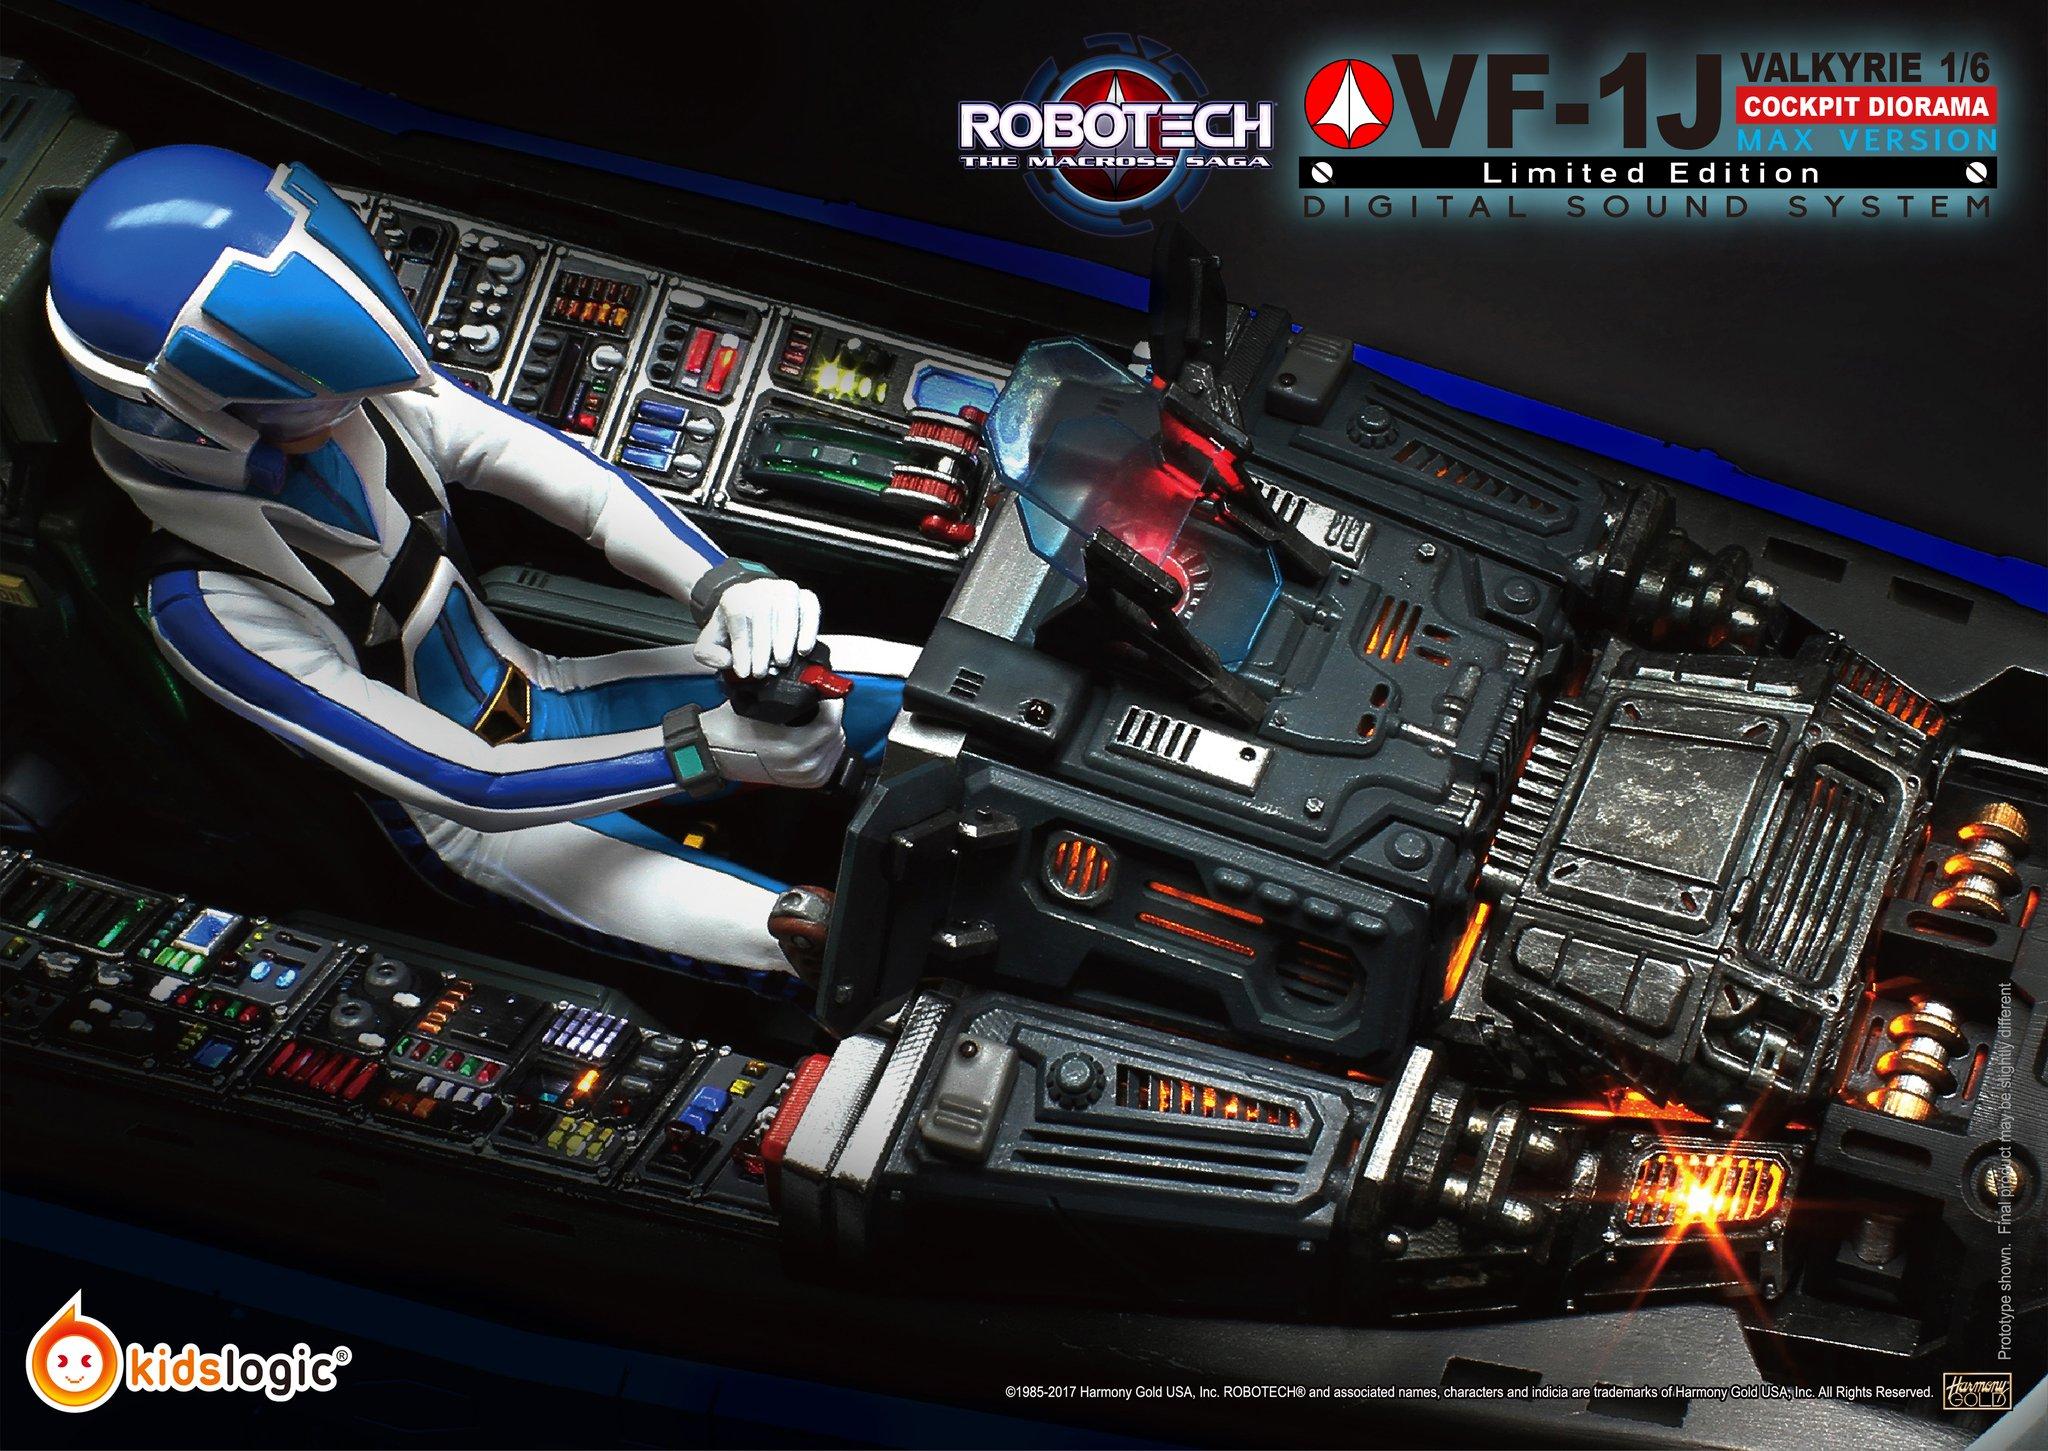 kl-cockpit016